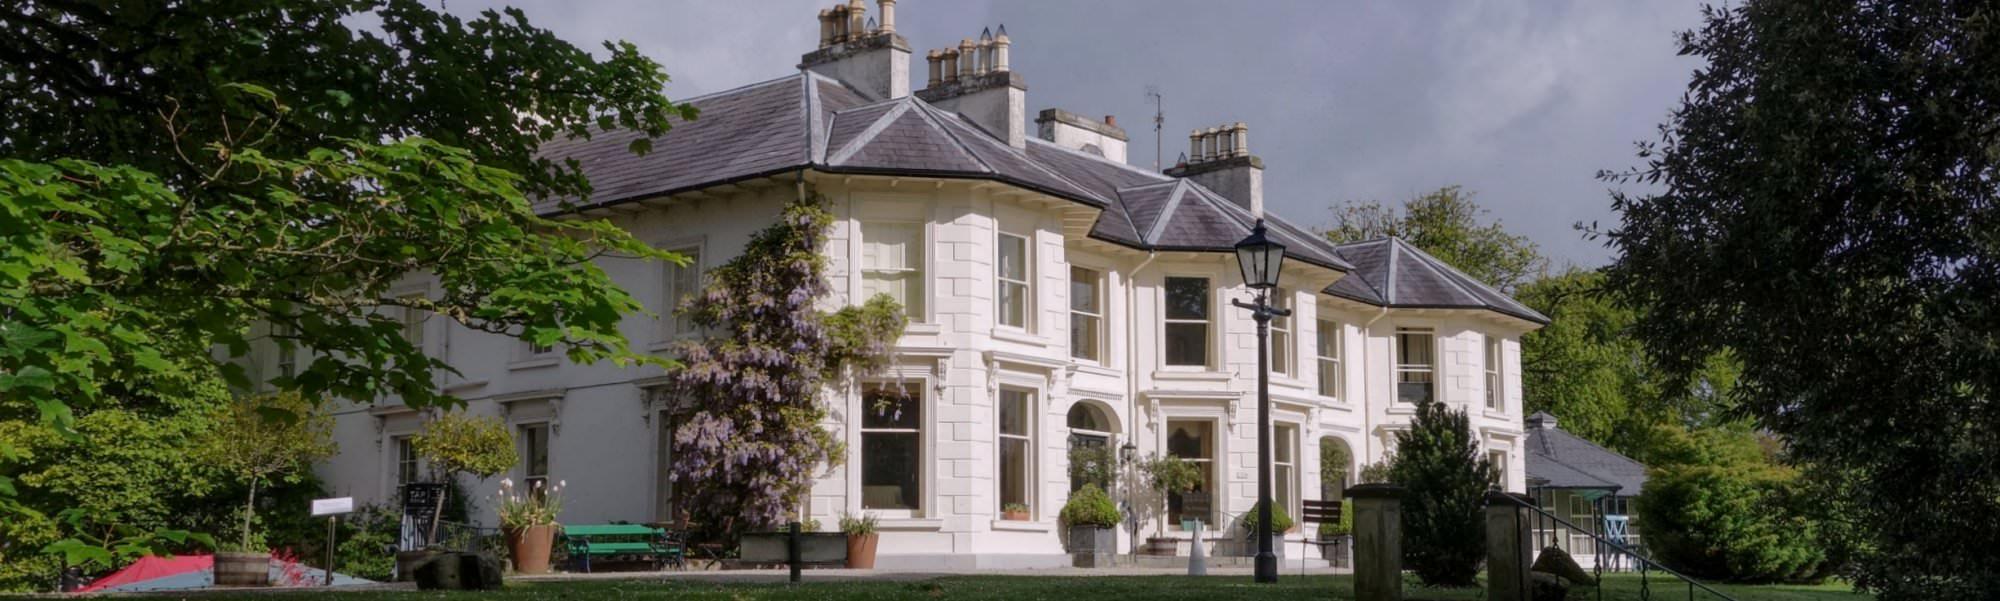 Rathmullan House Donegal